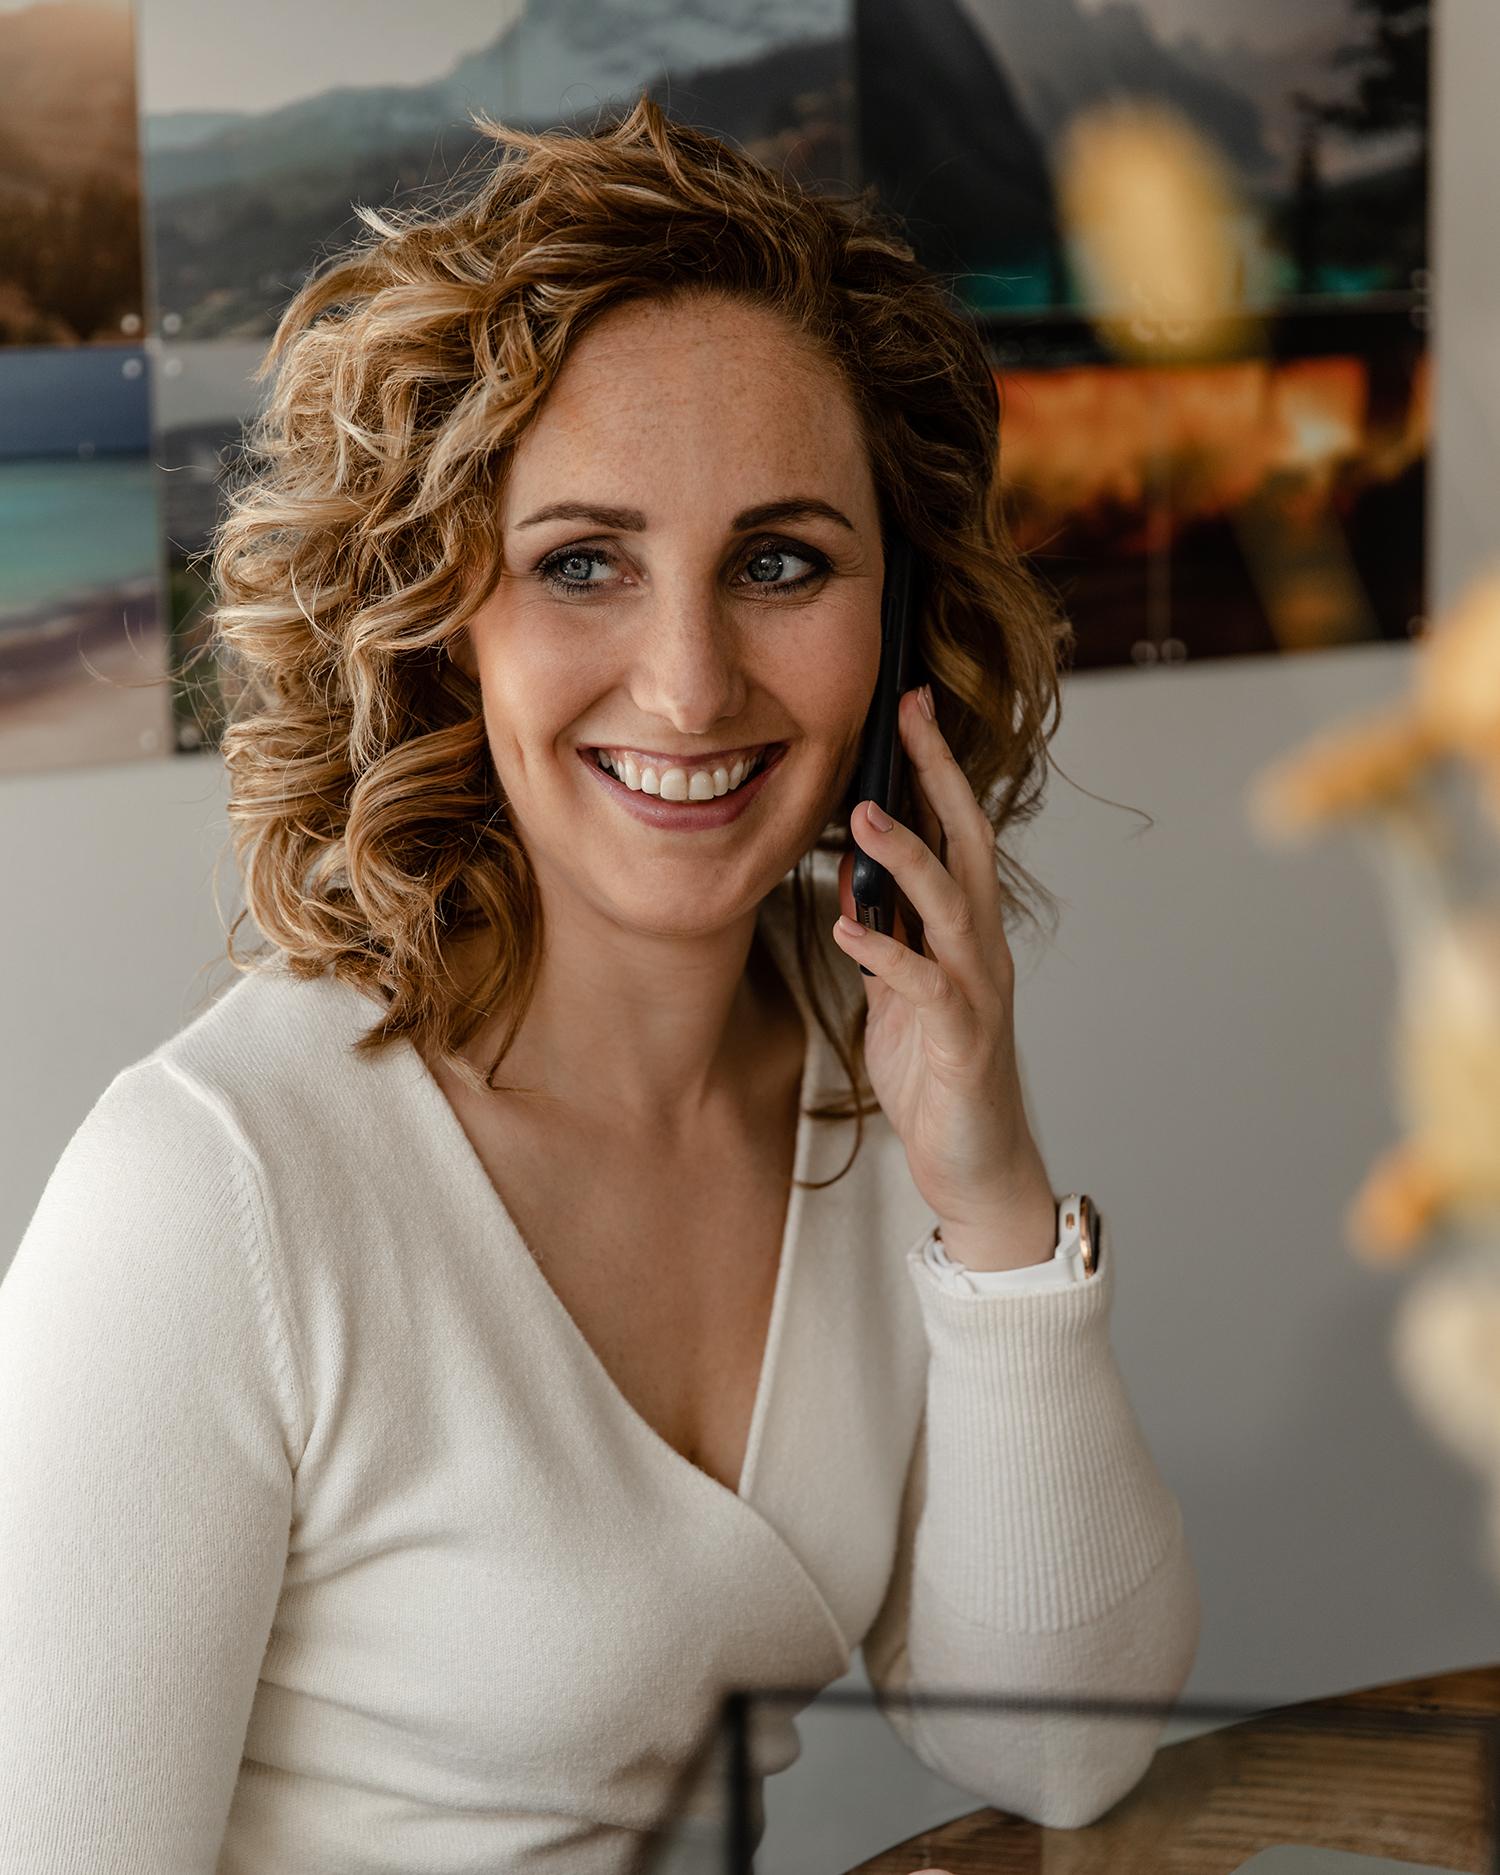 Anneleen virtueel assistent branding